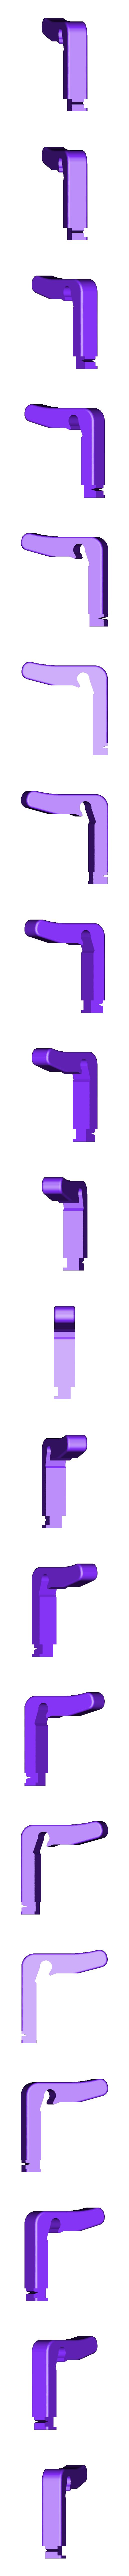 trigger.stl Télécharger fichier STL gratuit Joystick PS4 • Design à imprimer en 3D, Osichan